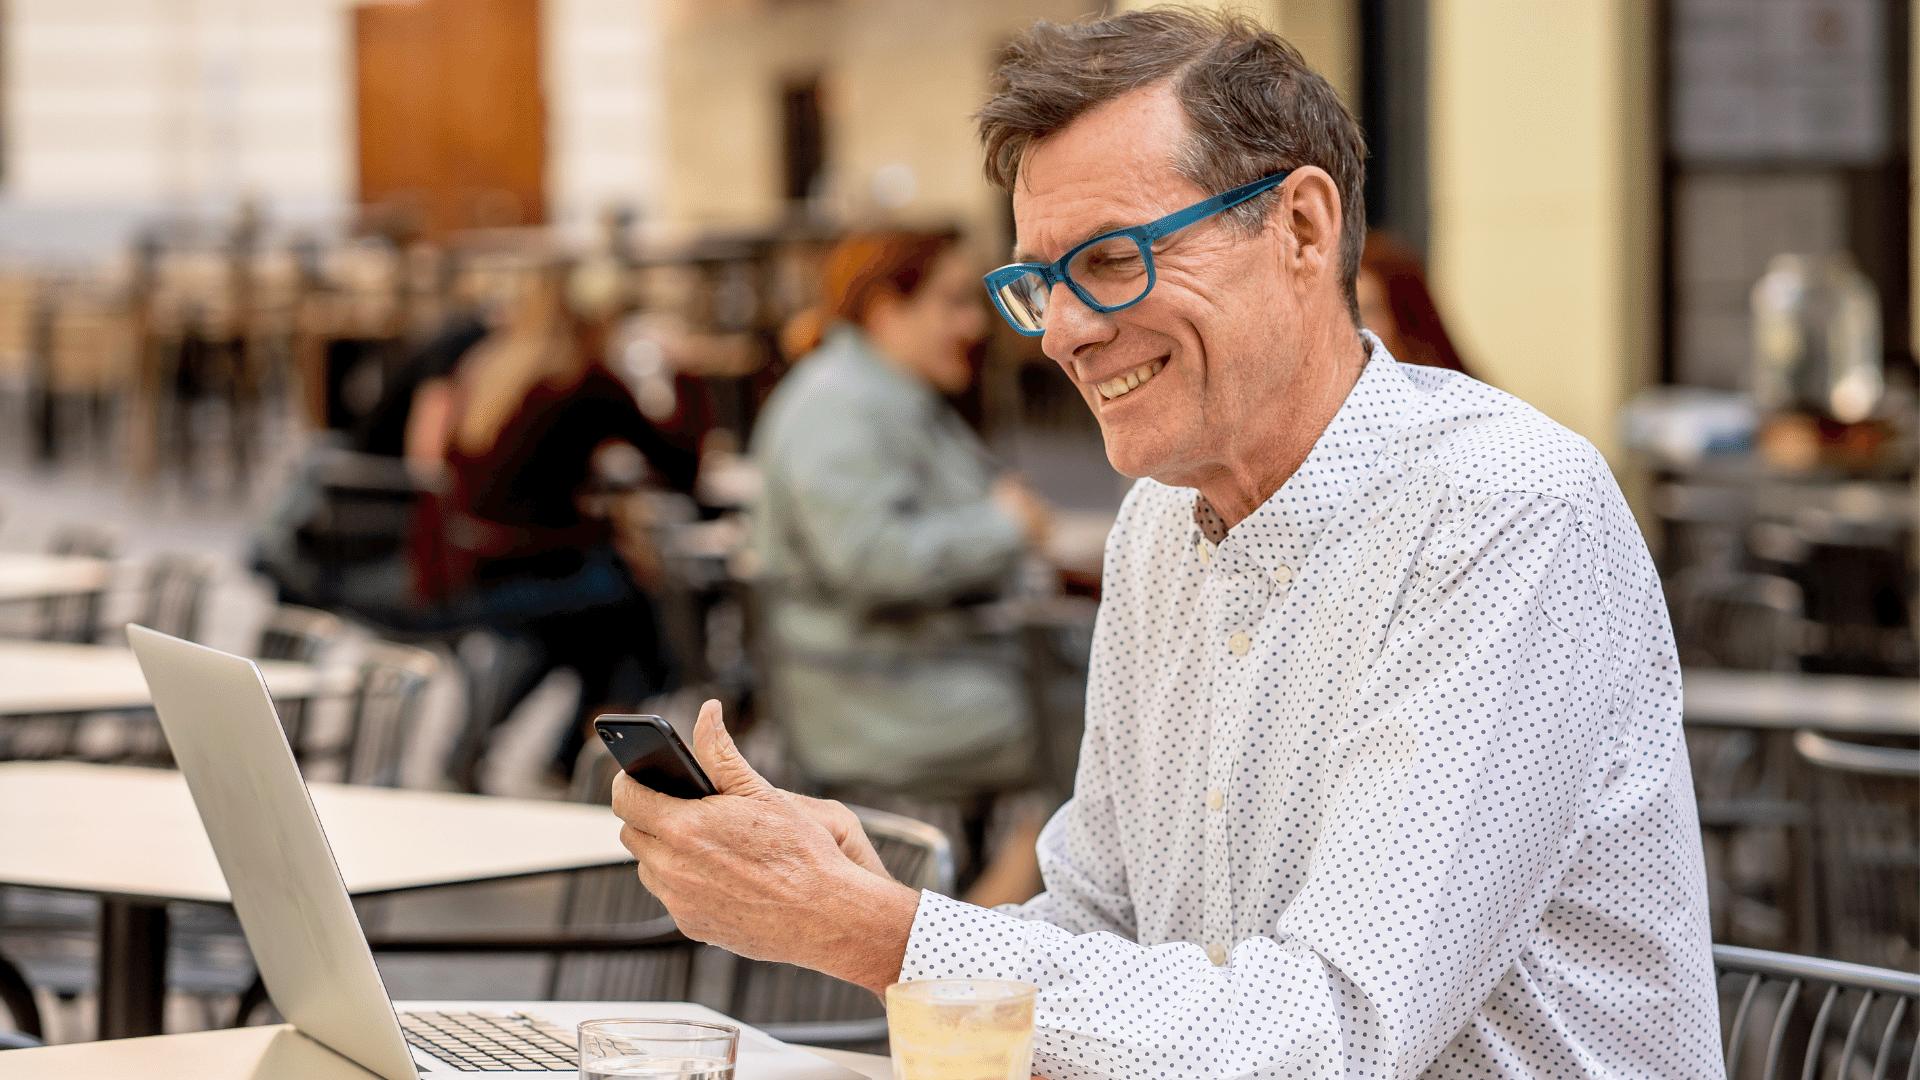 Persona al lavoro in smart working in una caffetteria